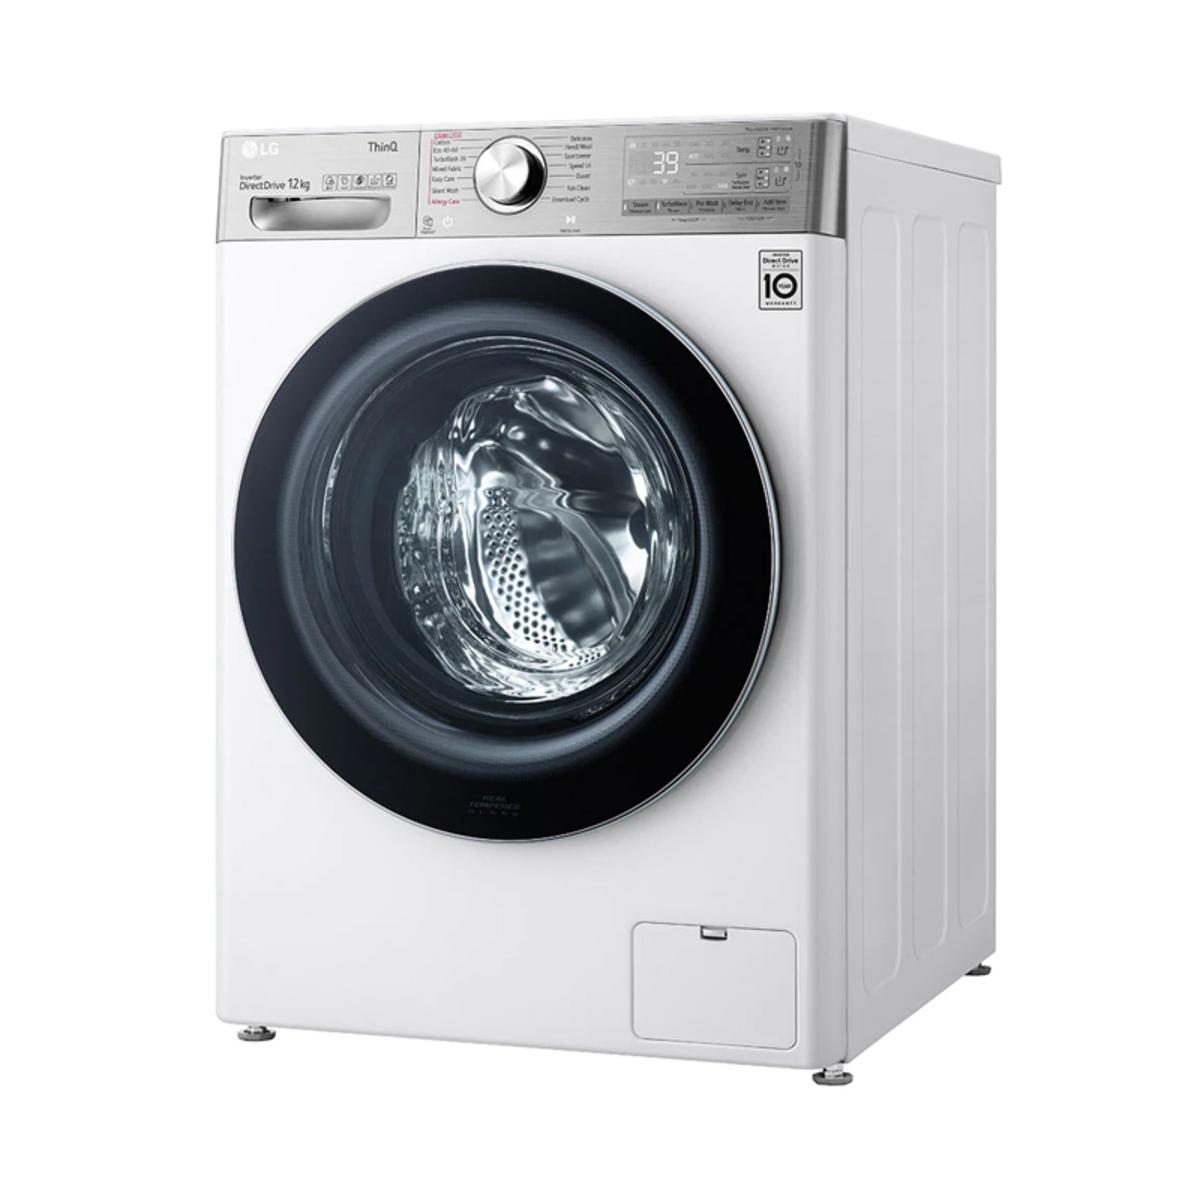 LG F4V1112WTSA 12kg / 1400 RPM Washing Machine - White